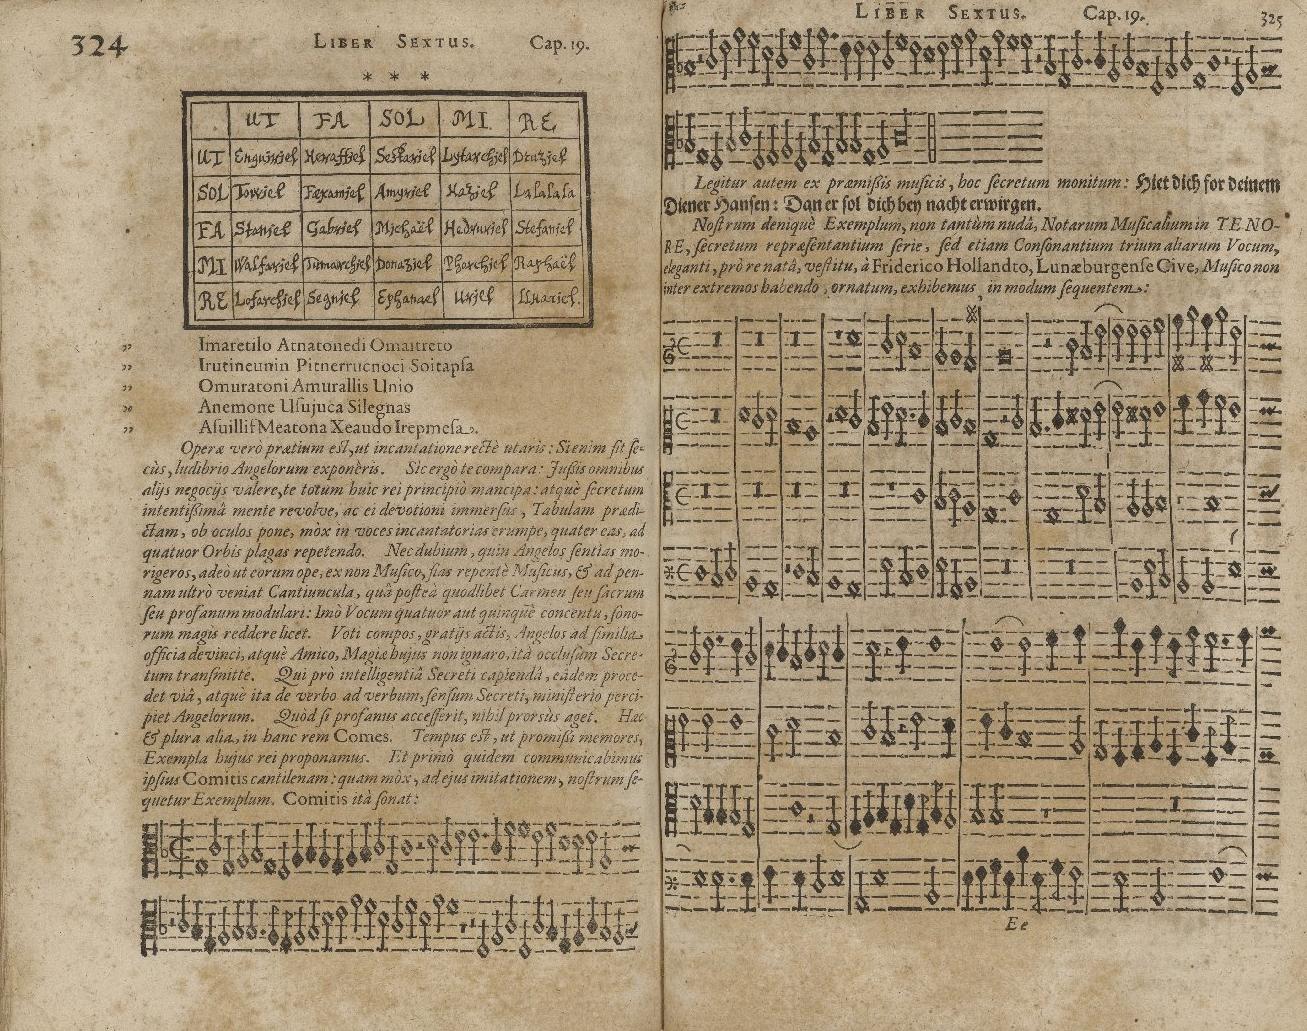 Selenus-Musical